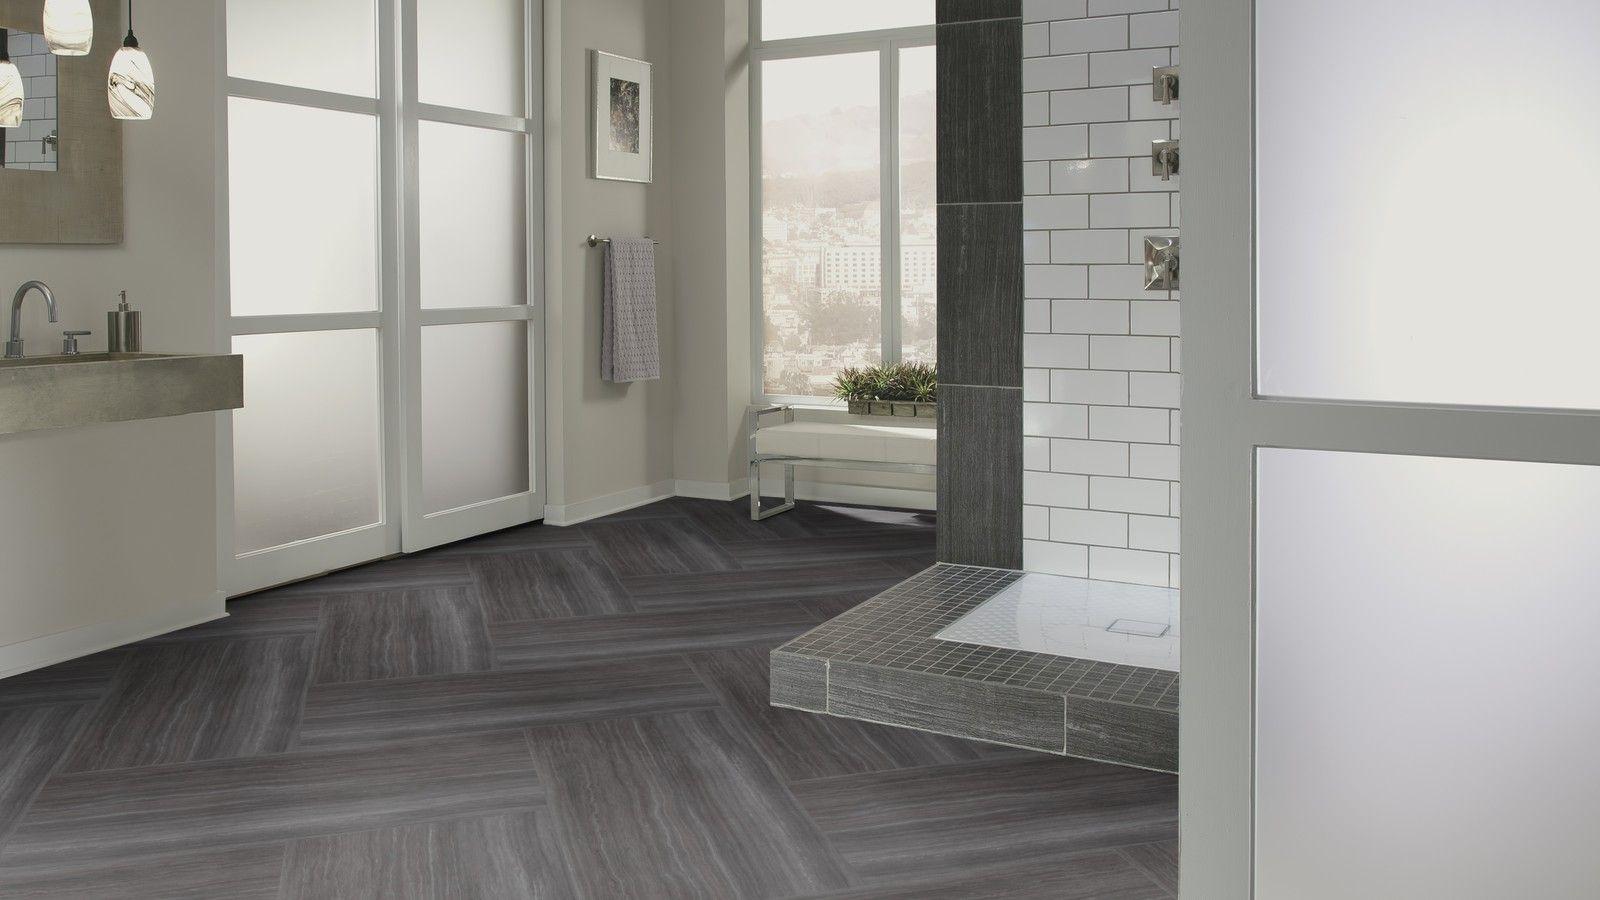 Goedkoop visgraat pvc vloeren online bestellen bij cavallo floors in